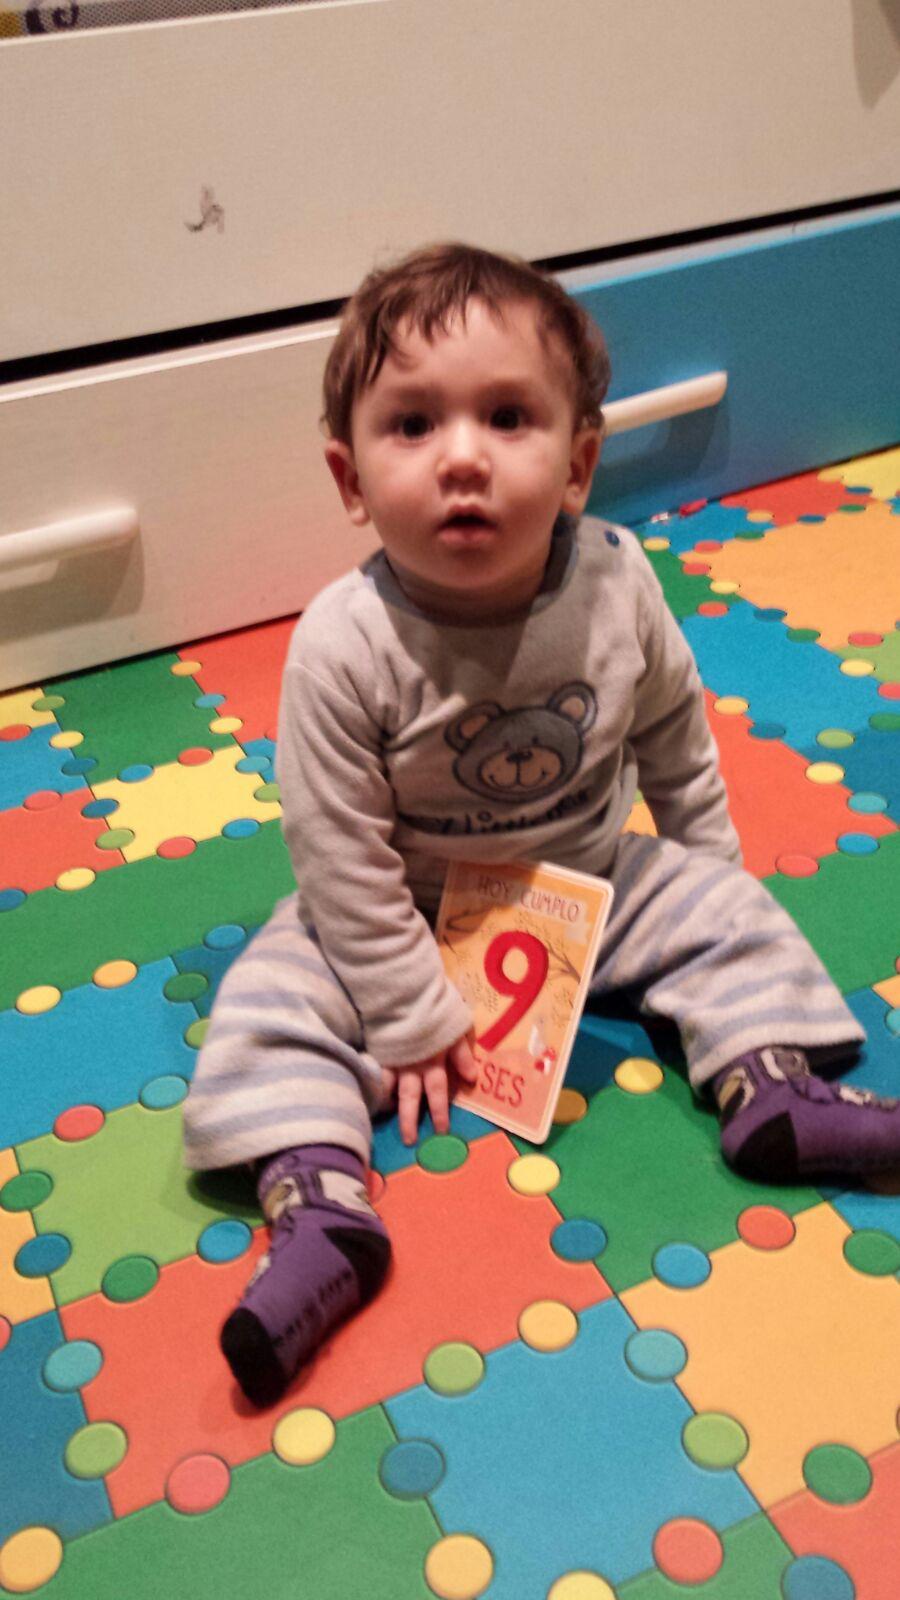 Mi Bebe Tiene 9 Meses Aprendiendo A Ser Padres